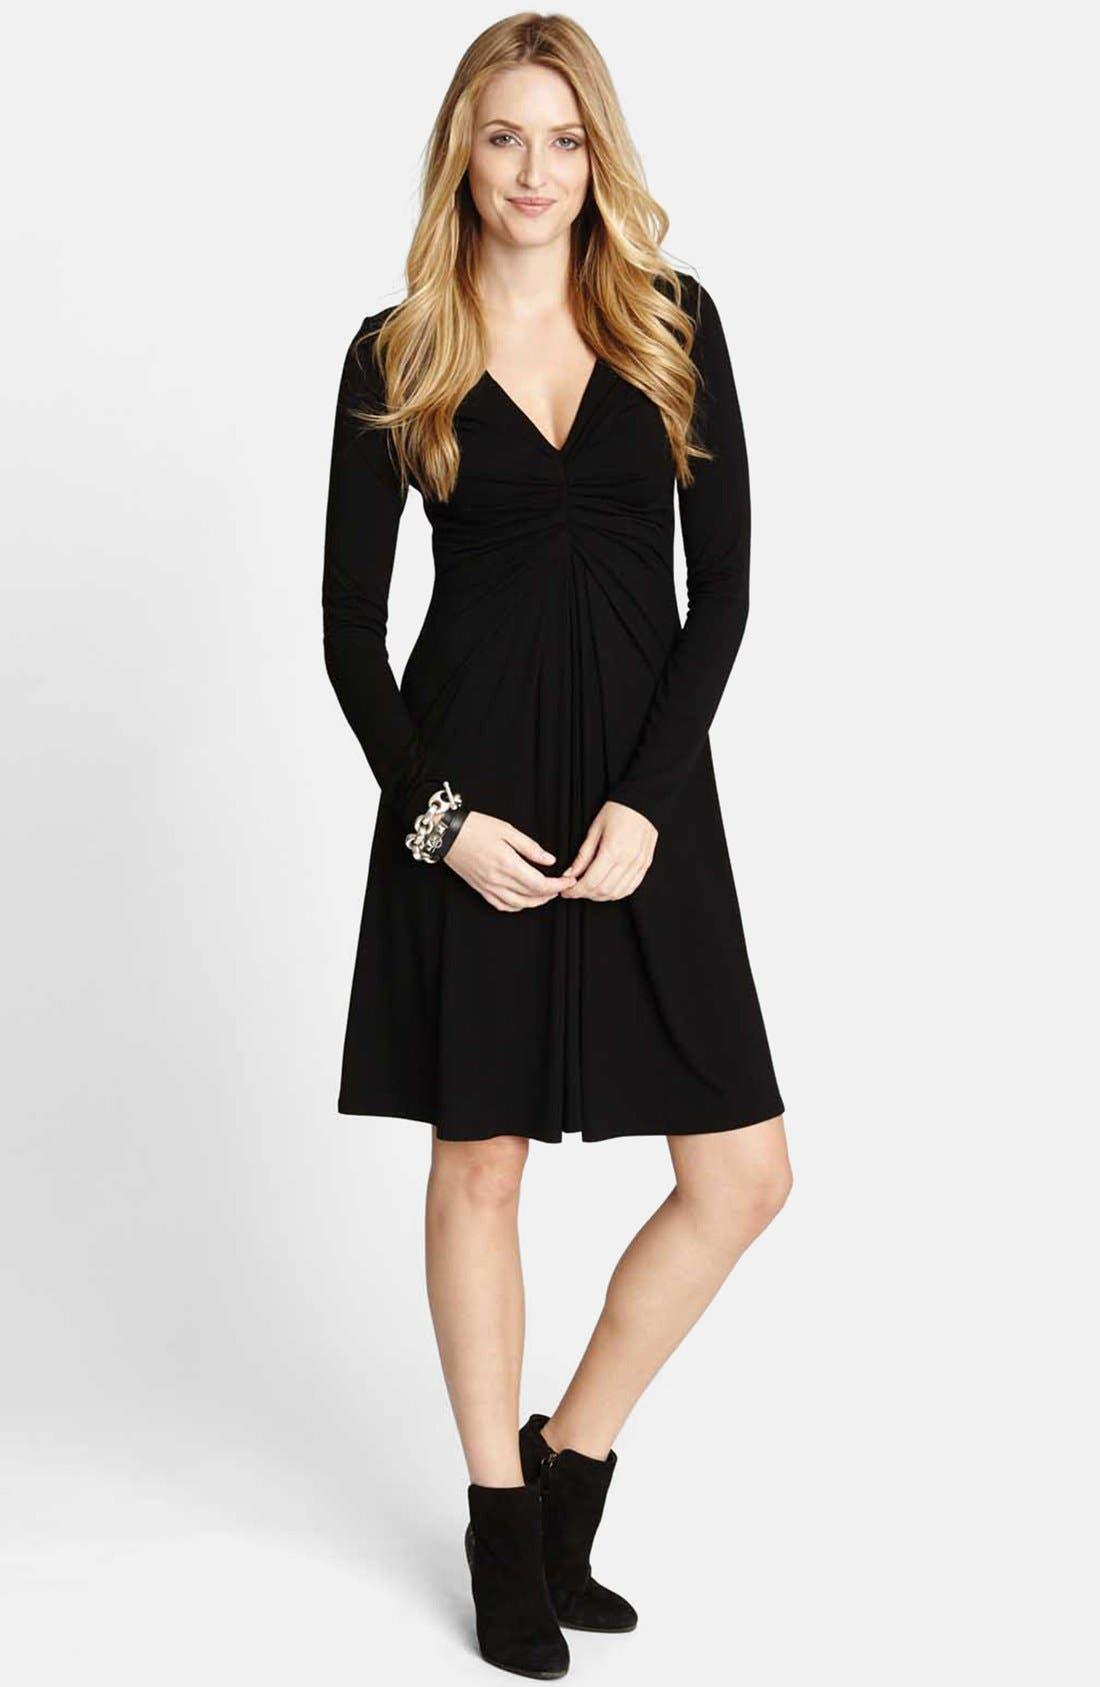 Alternate Image 1 Selected - Karen Kane 'Elizabeth' Stretch Fit & Flare Dress